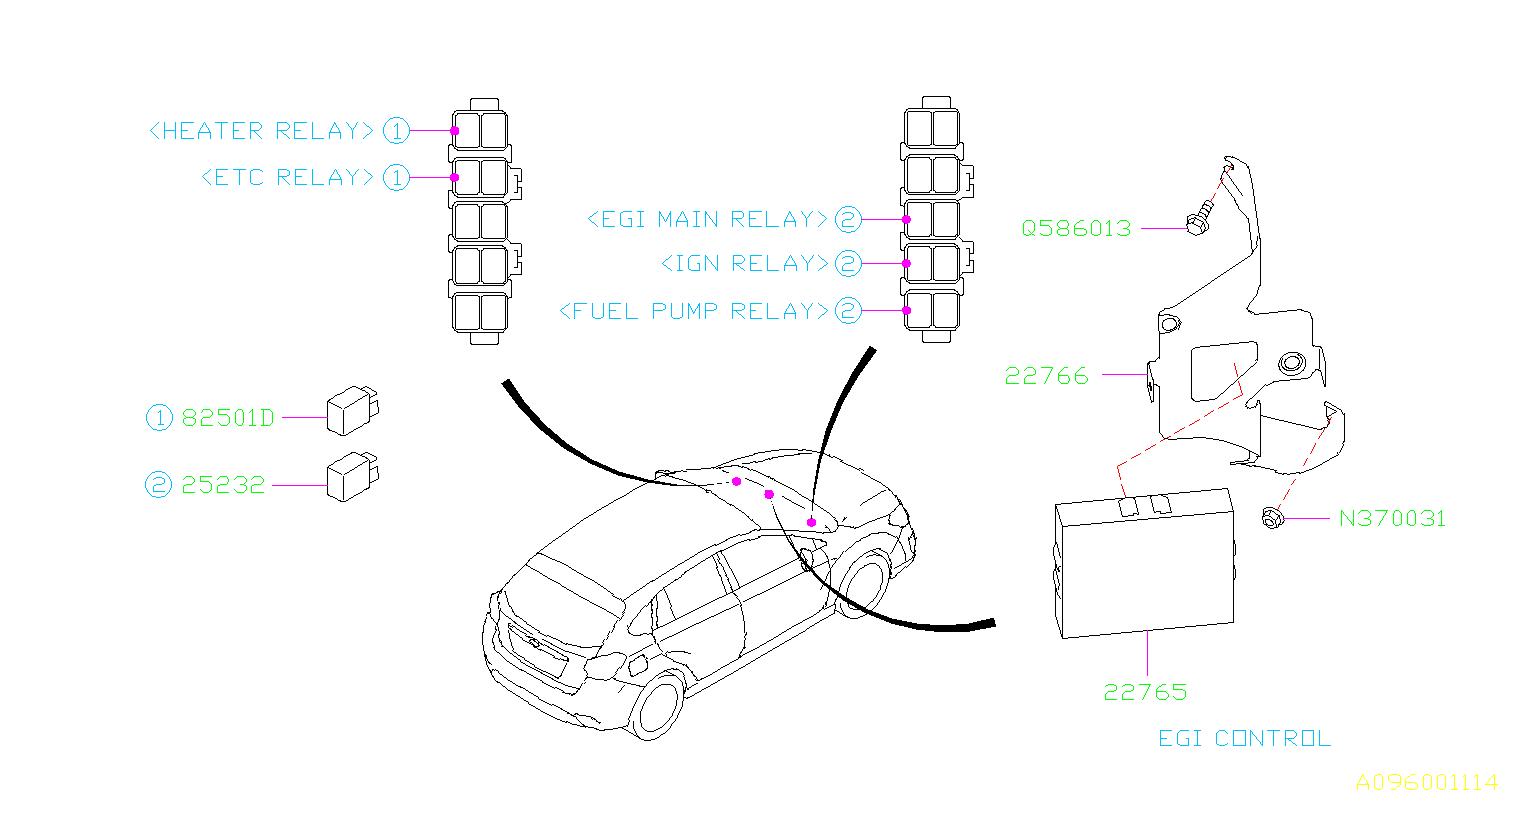 Subaru Impreza Unit Egi Control